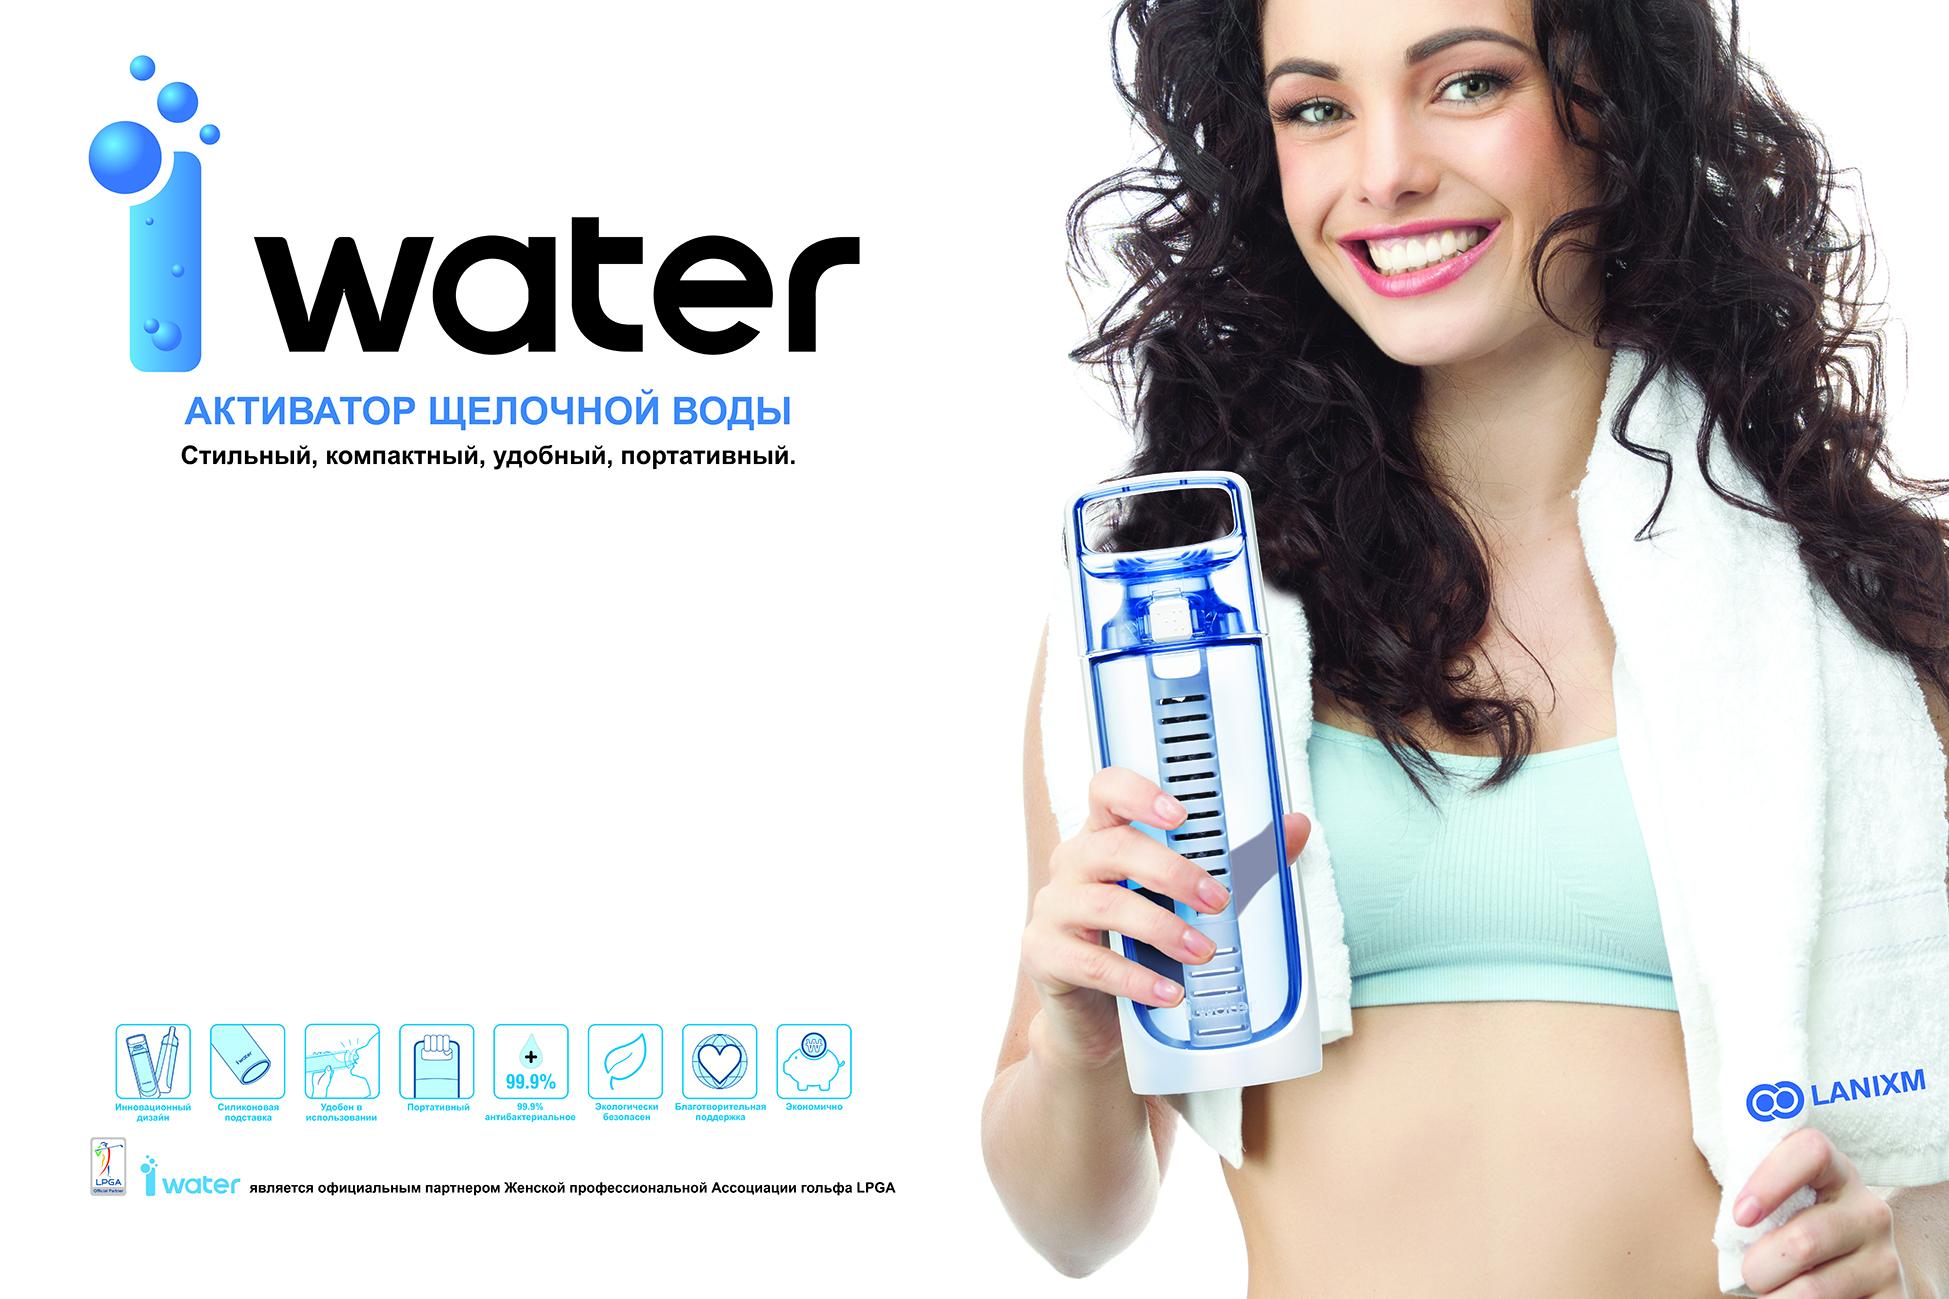 щелочная ионизированная вода купить заказать